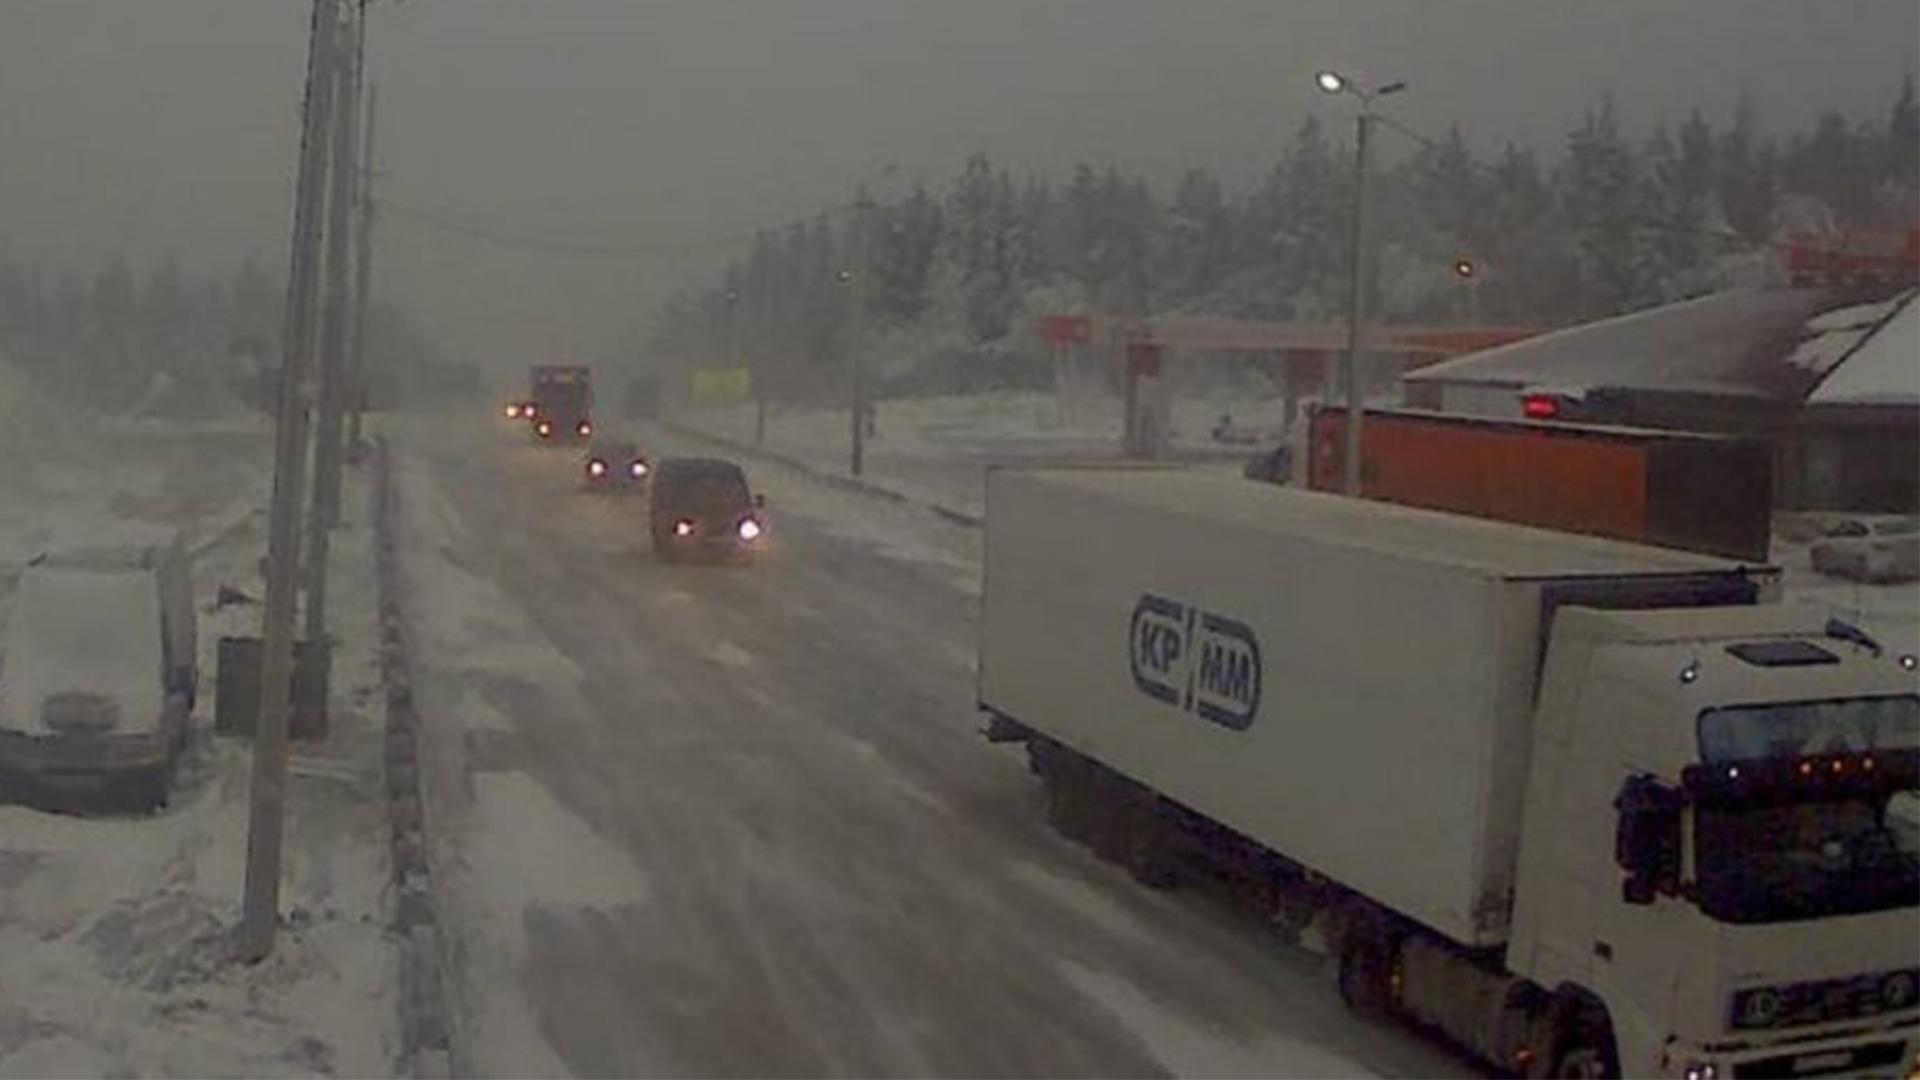 Дорогу замело снегом. На трассе М5 «Урал» образовались огромные пробки